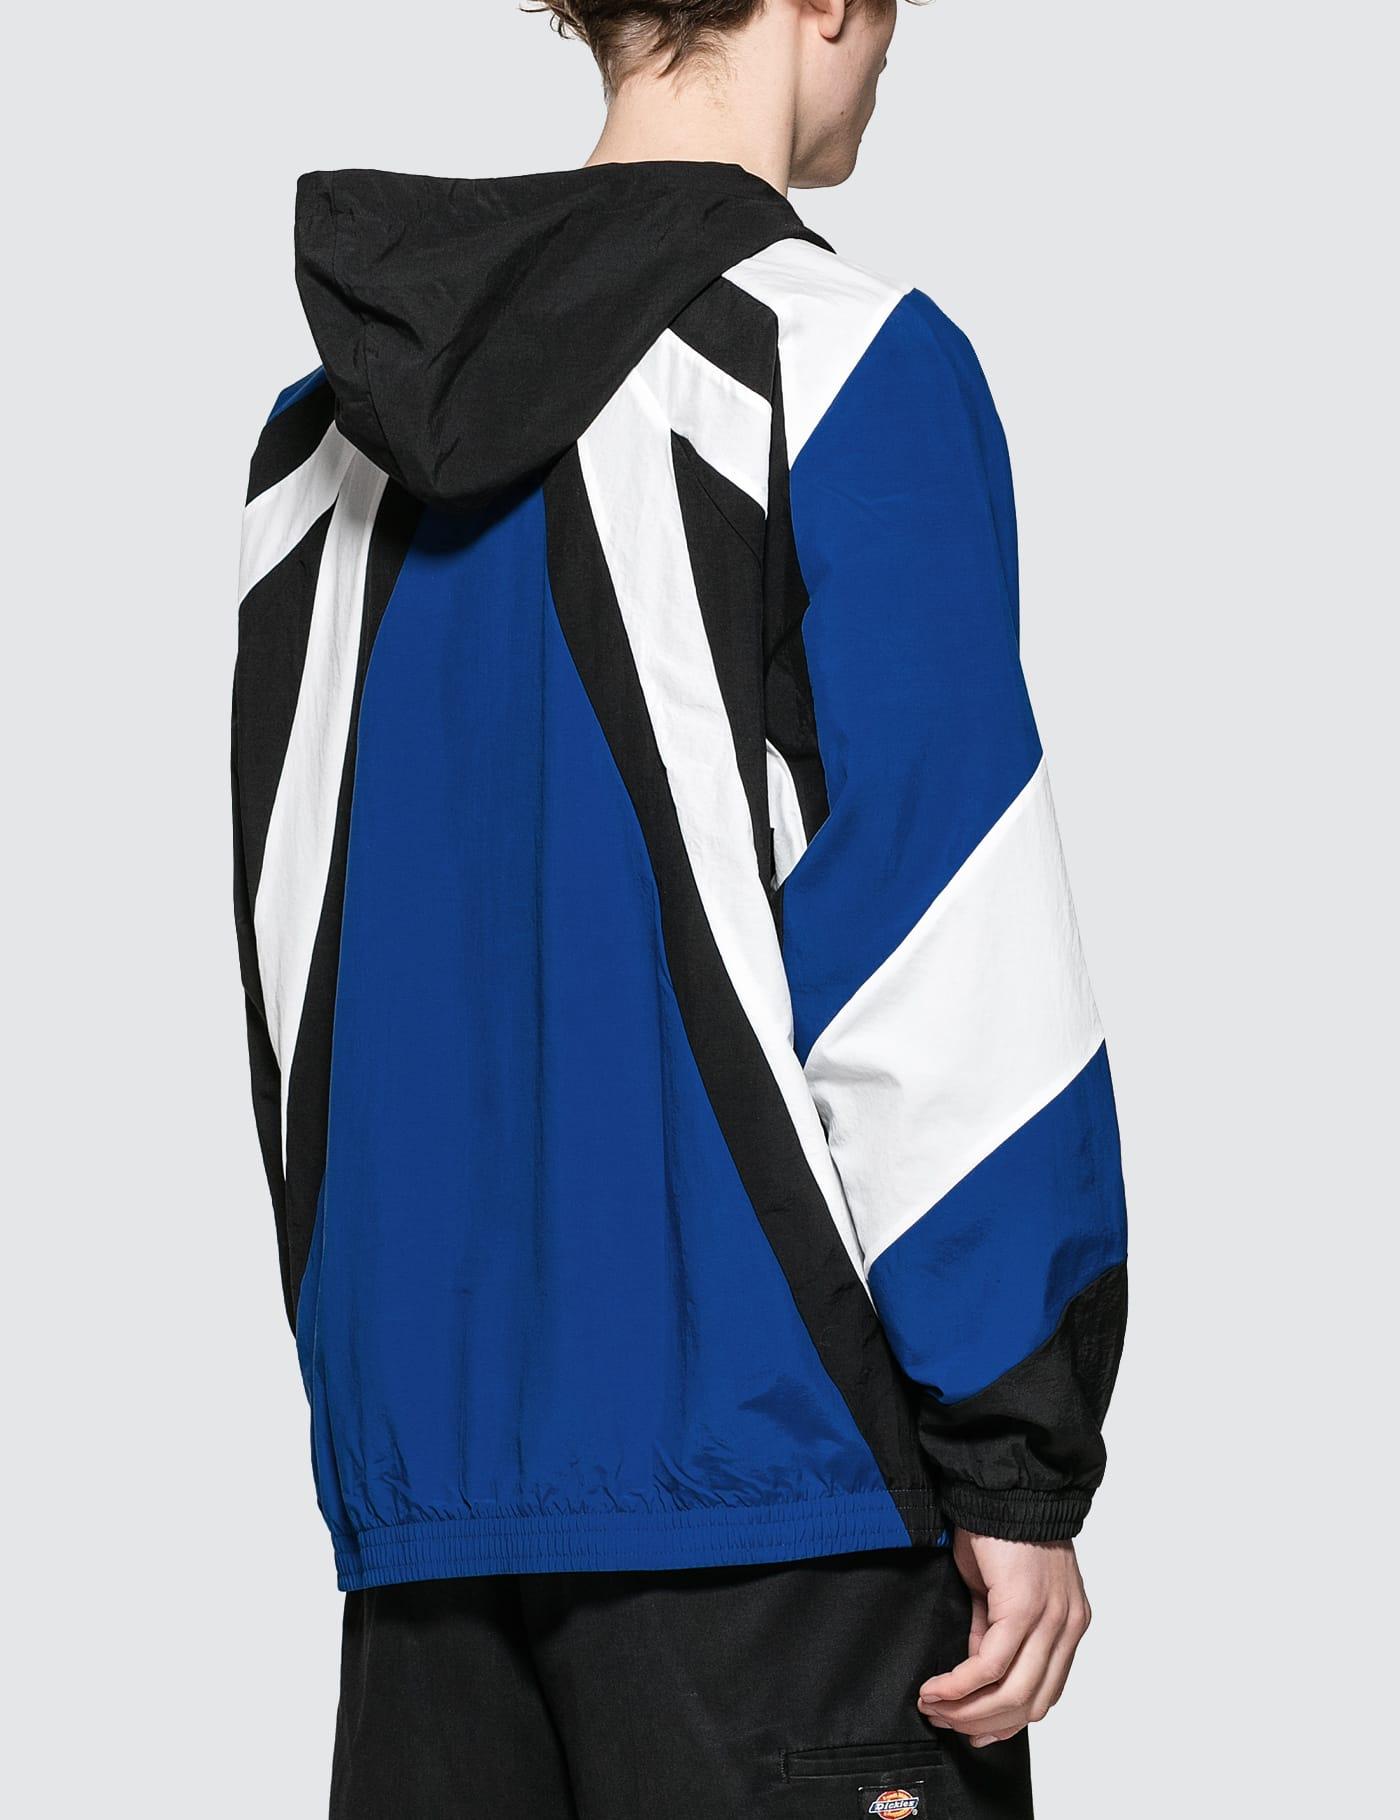 Adidas Originals - EQT 18 Windbreaker   HBX